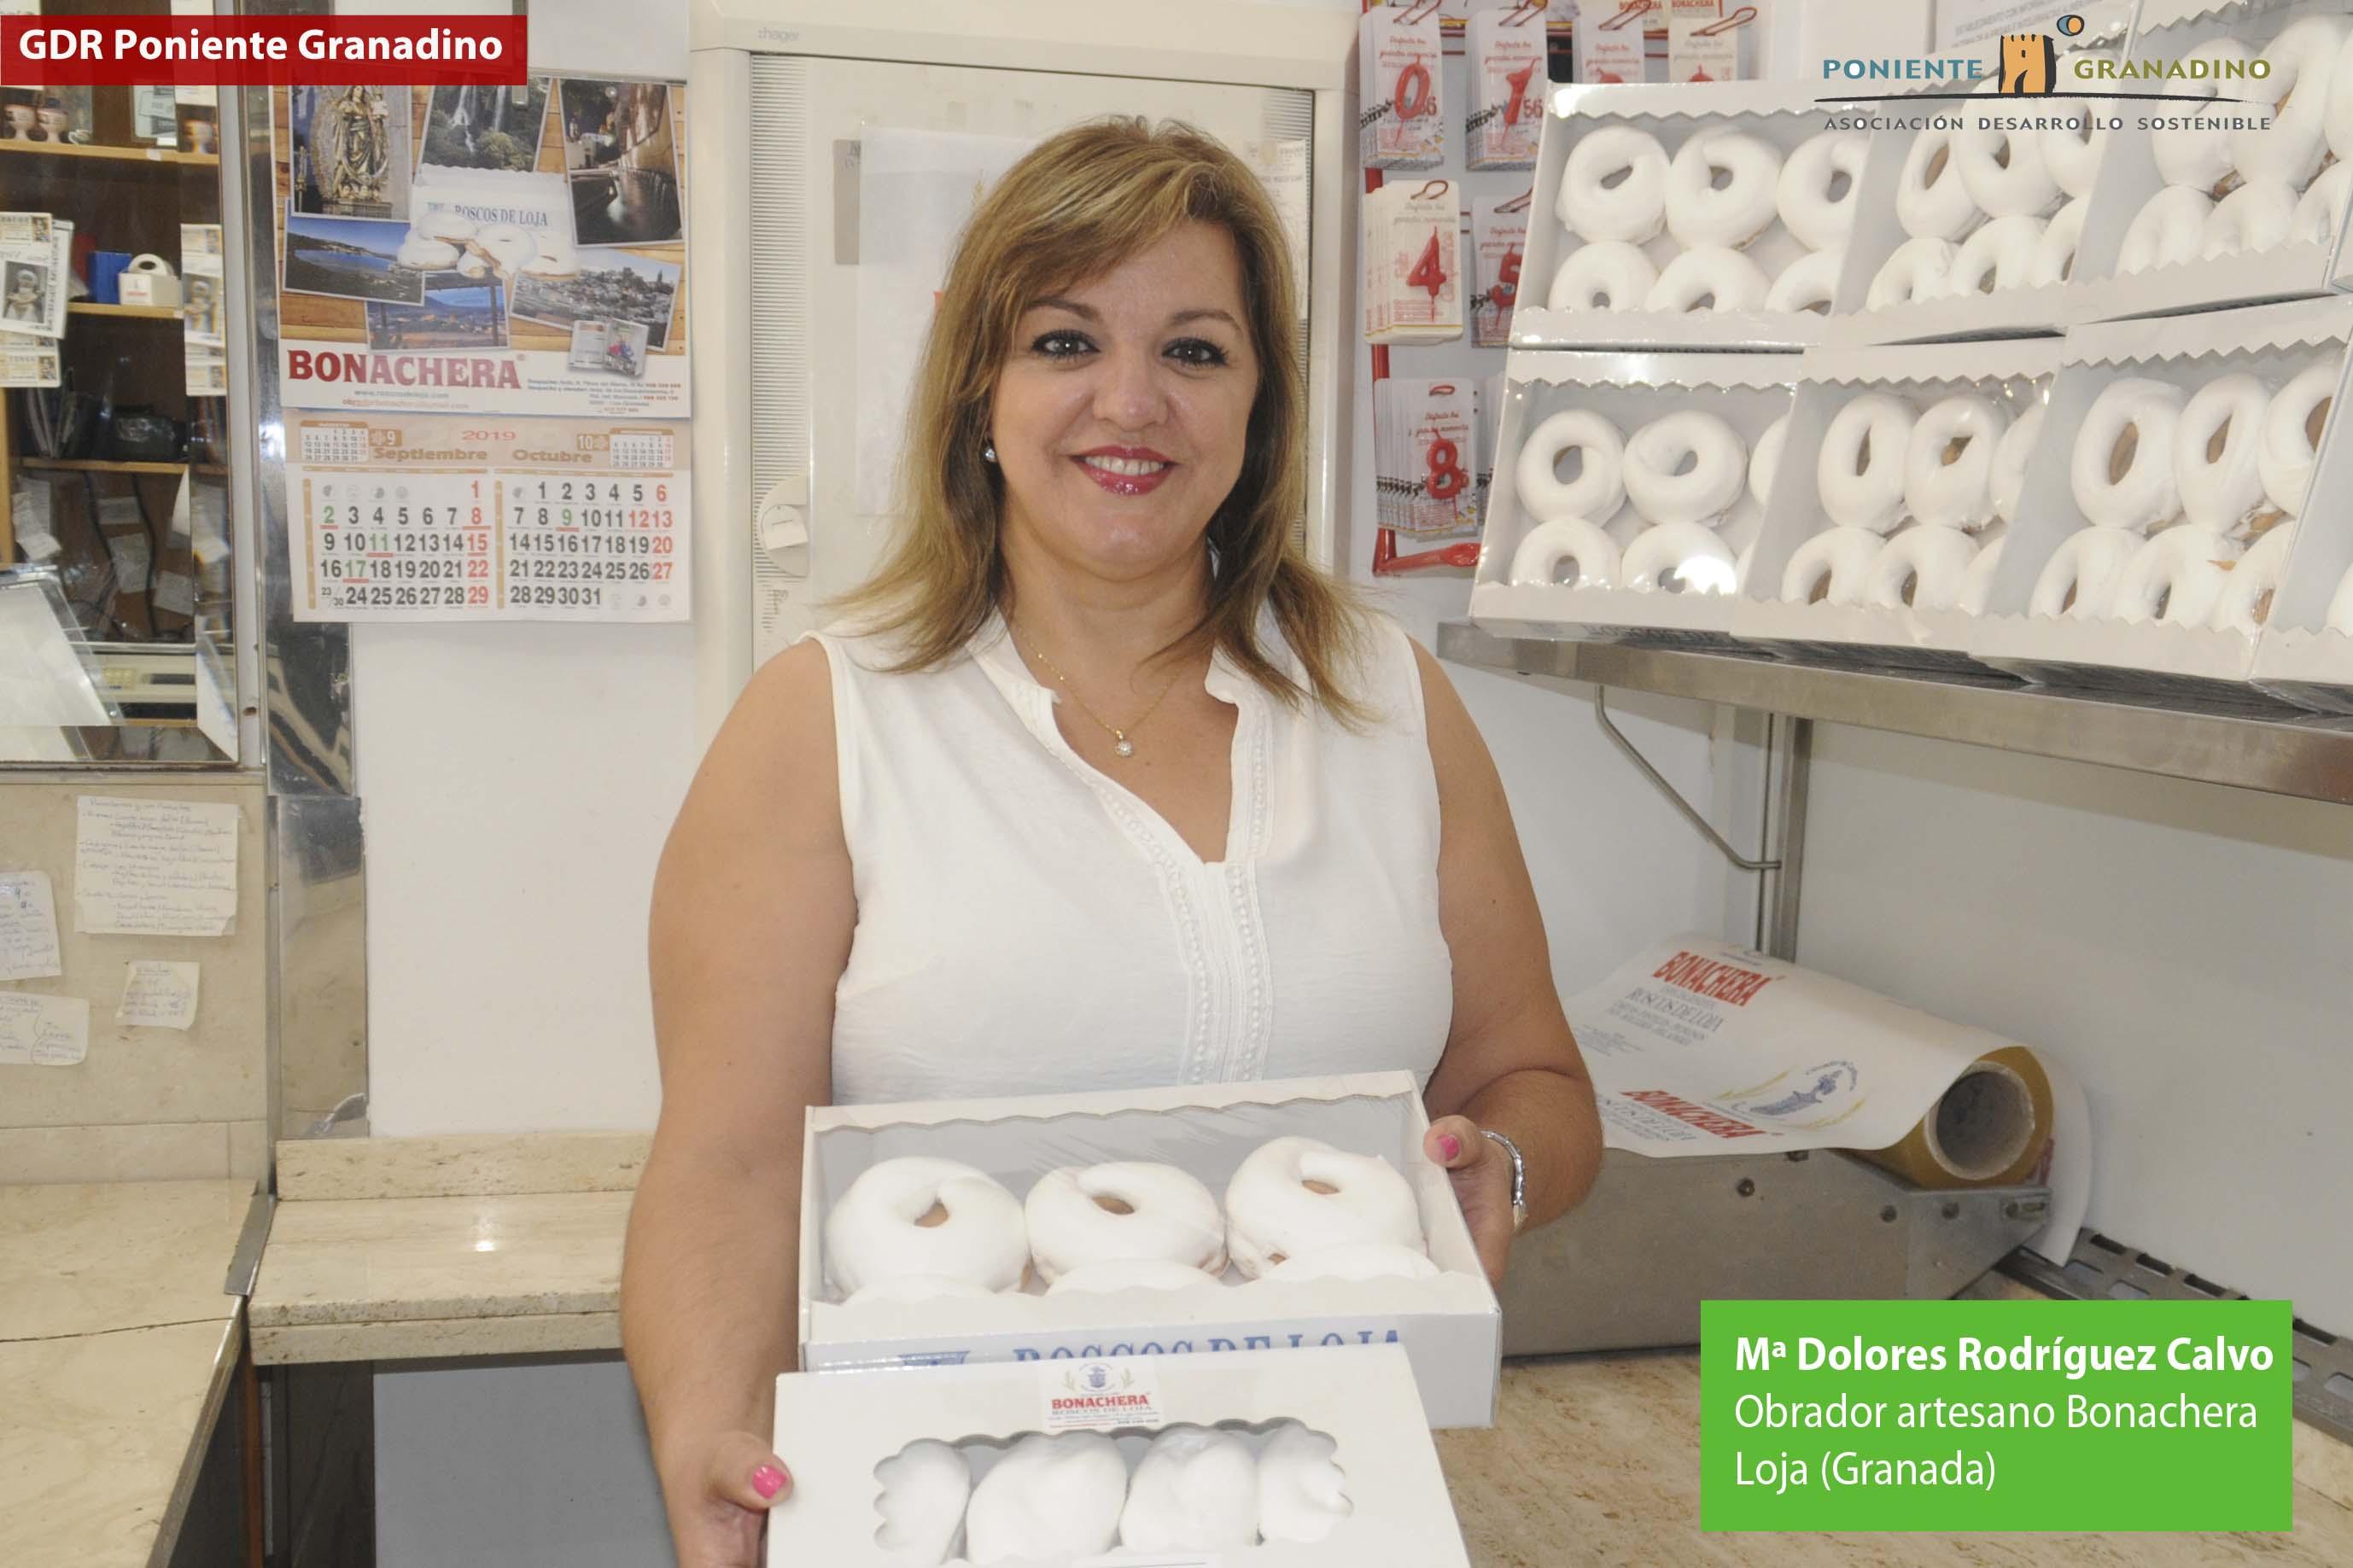 Acondicionamiento de Obrador artesano de Pastelería, Panadería y Bollería